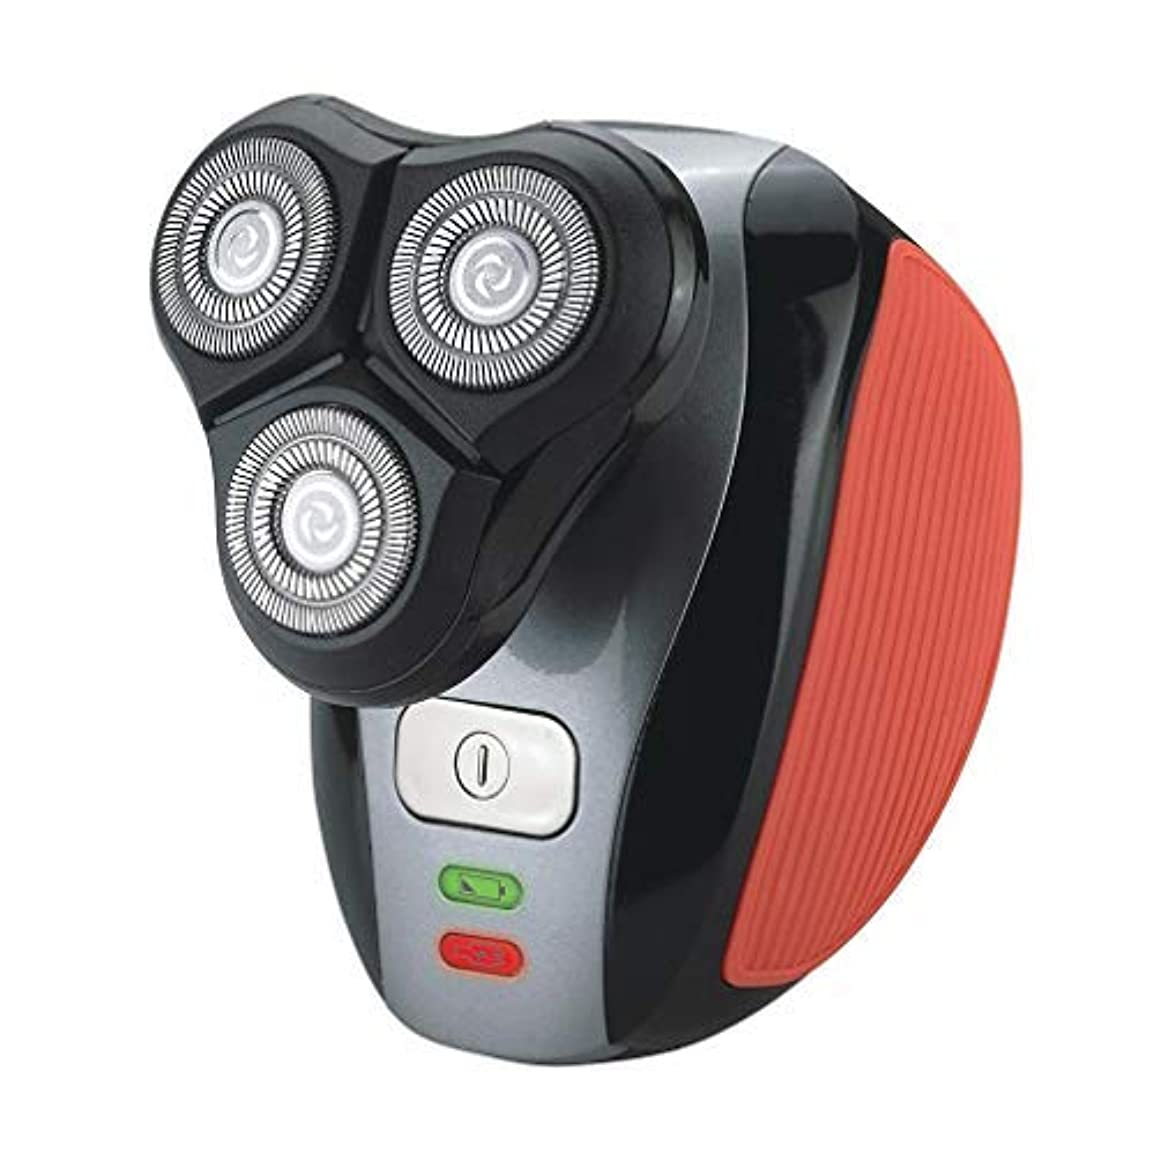 スライス開発時計回りスマートシェーバー用のUSB充電式で電気メンズシェーバーノーズビアード眉毛トリマーカミソリセルフトリマー